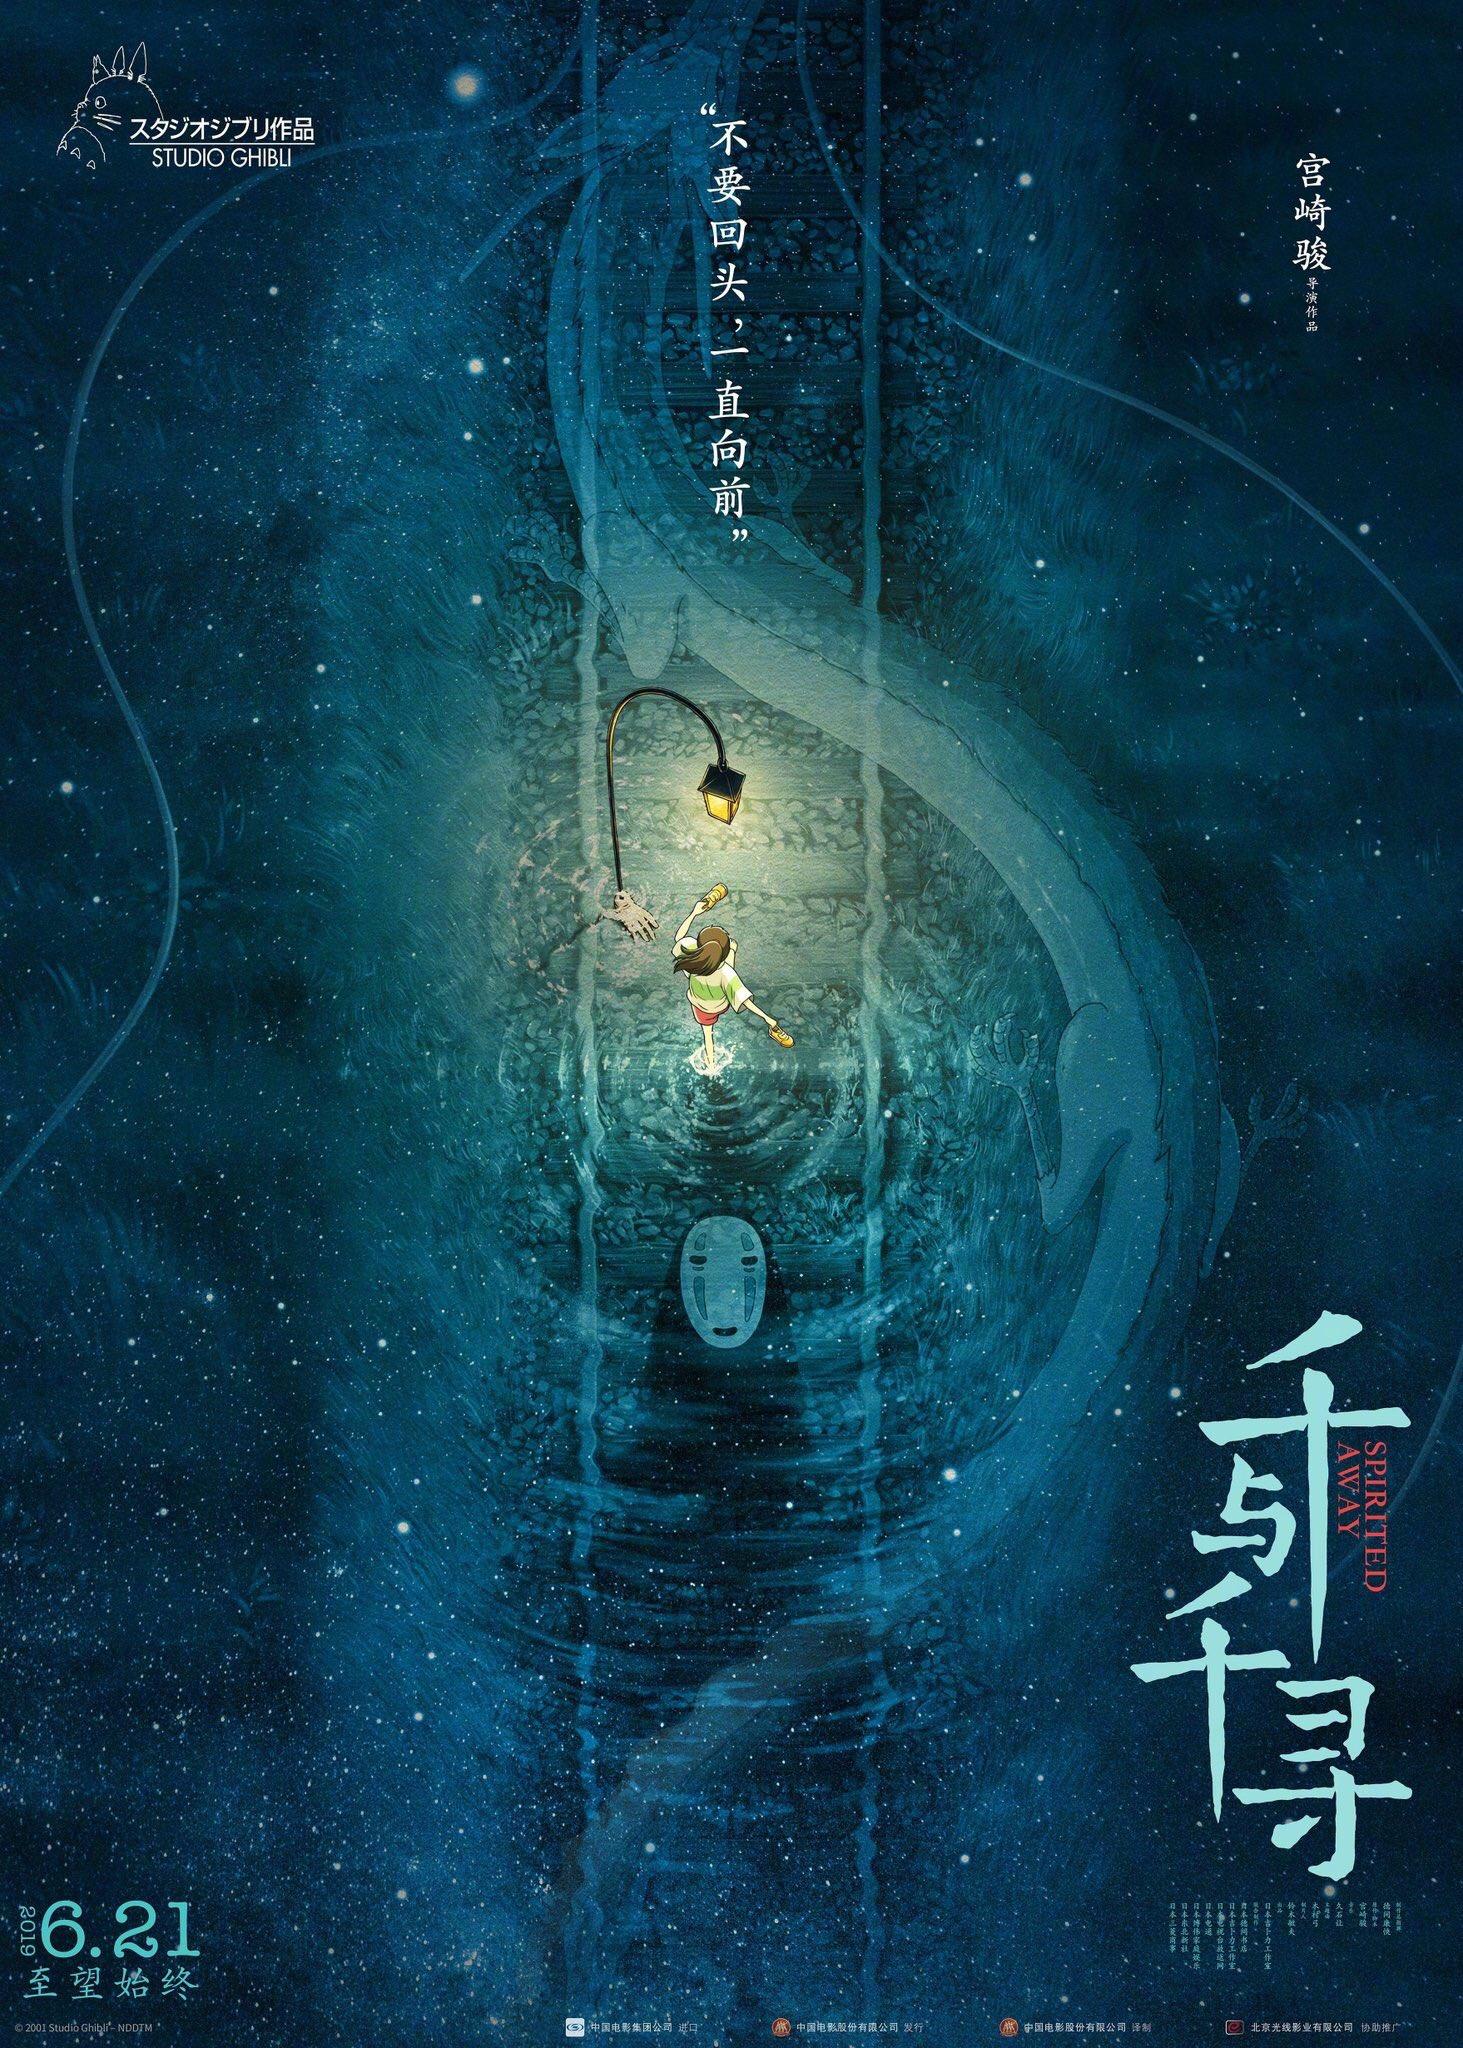 6月21日に中国で劇場公開が決定した 「千と千尋の神隠し」のポスターがとても美しい。